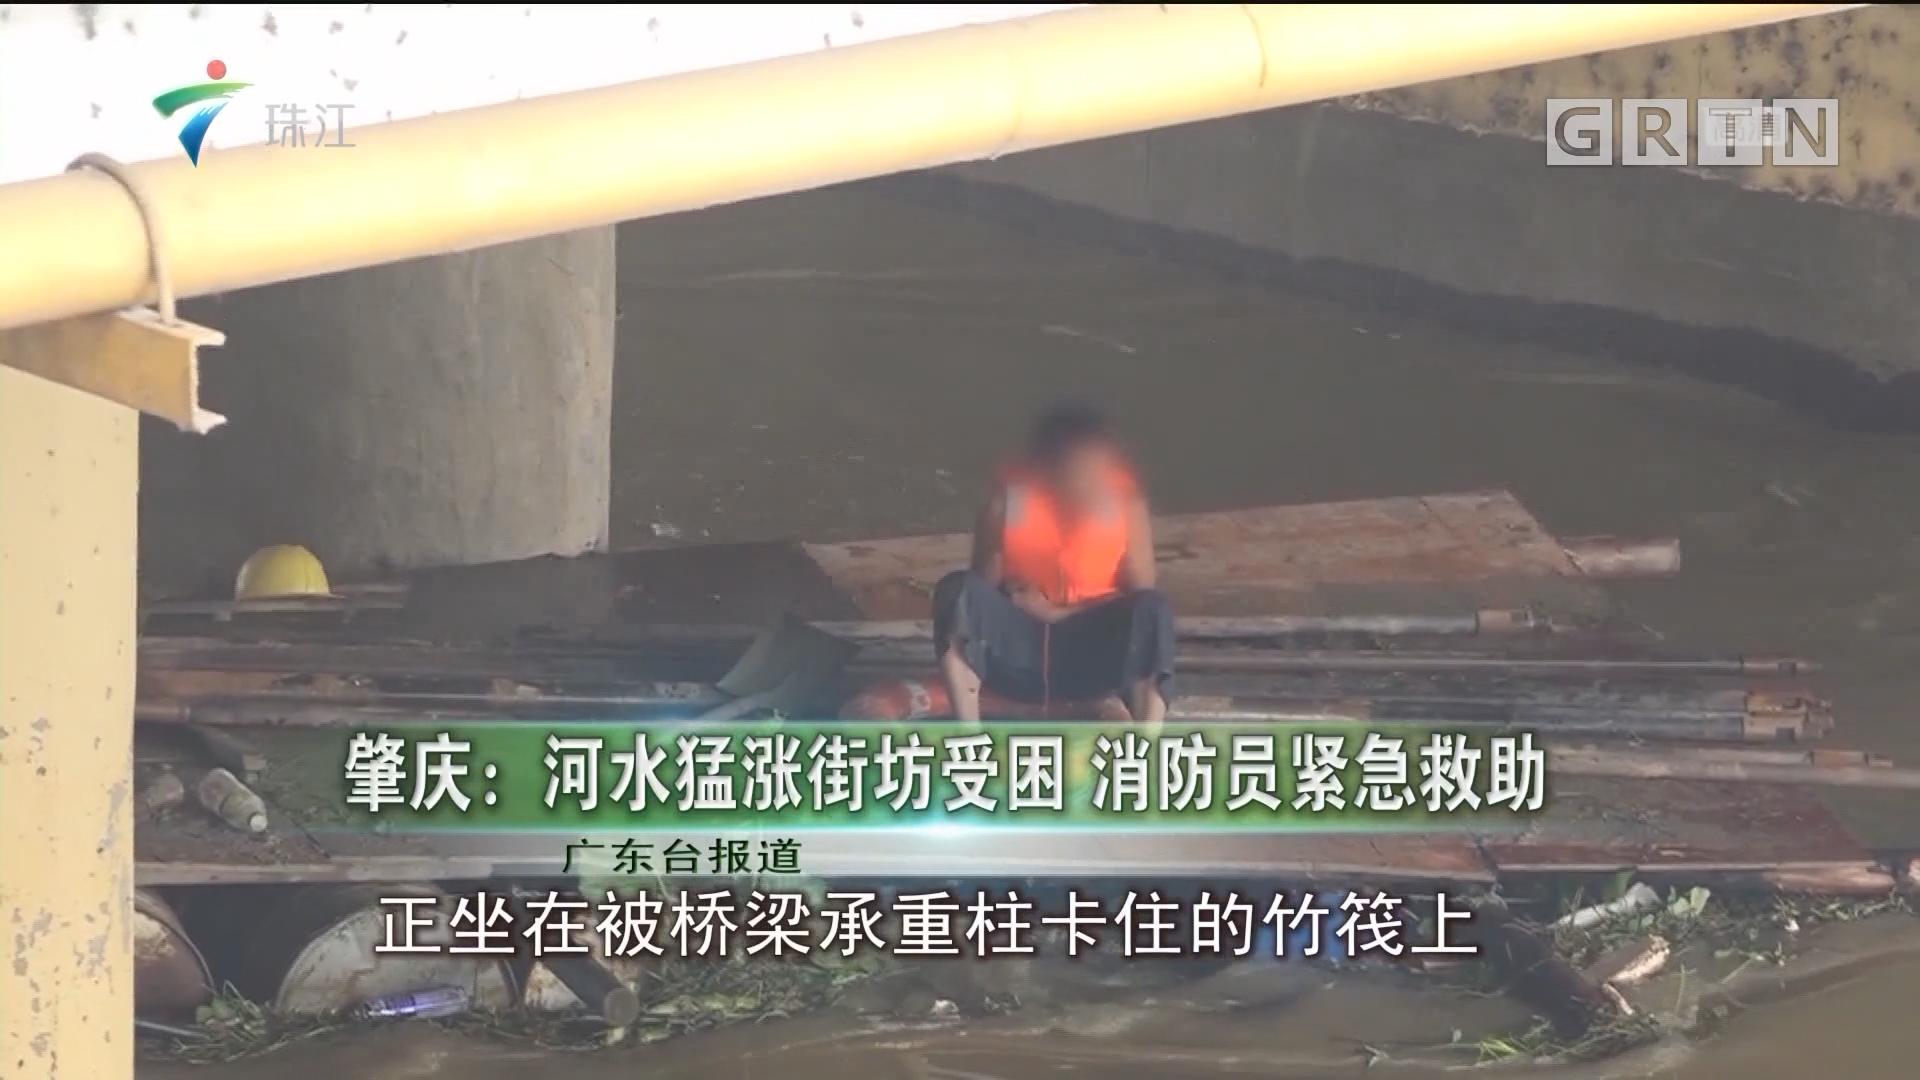 肇庆:河水猛涨街坊受困 消防员紧急救助